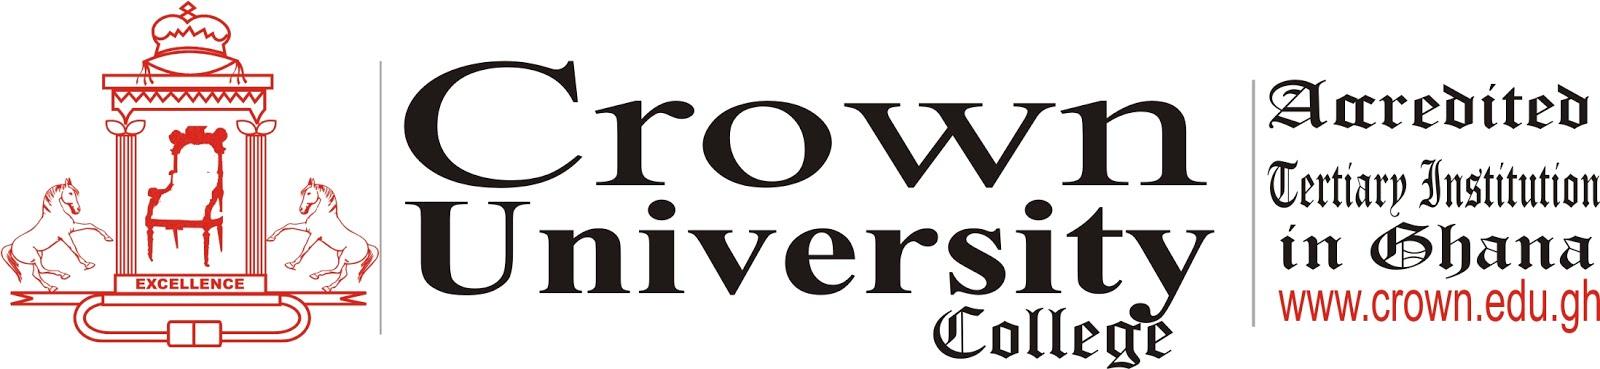 Crown University College, www.crown.edu.gh